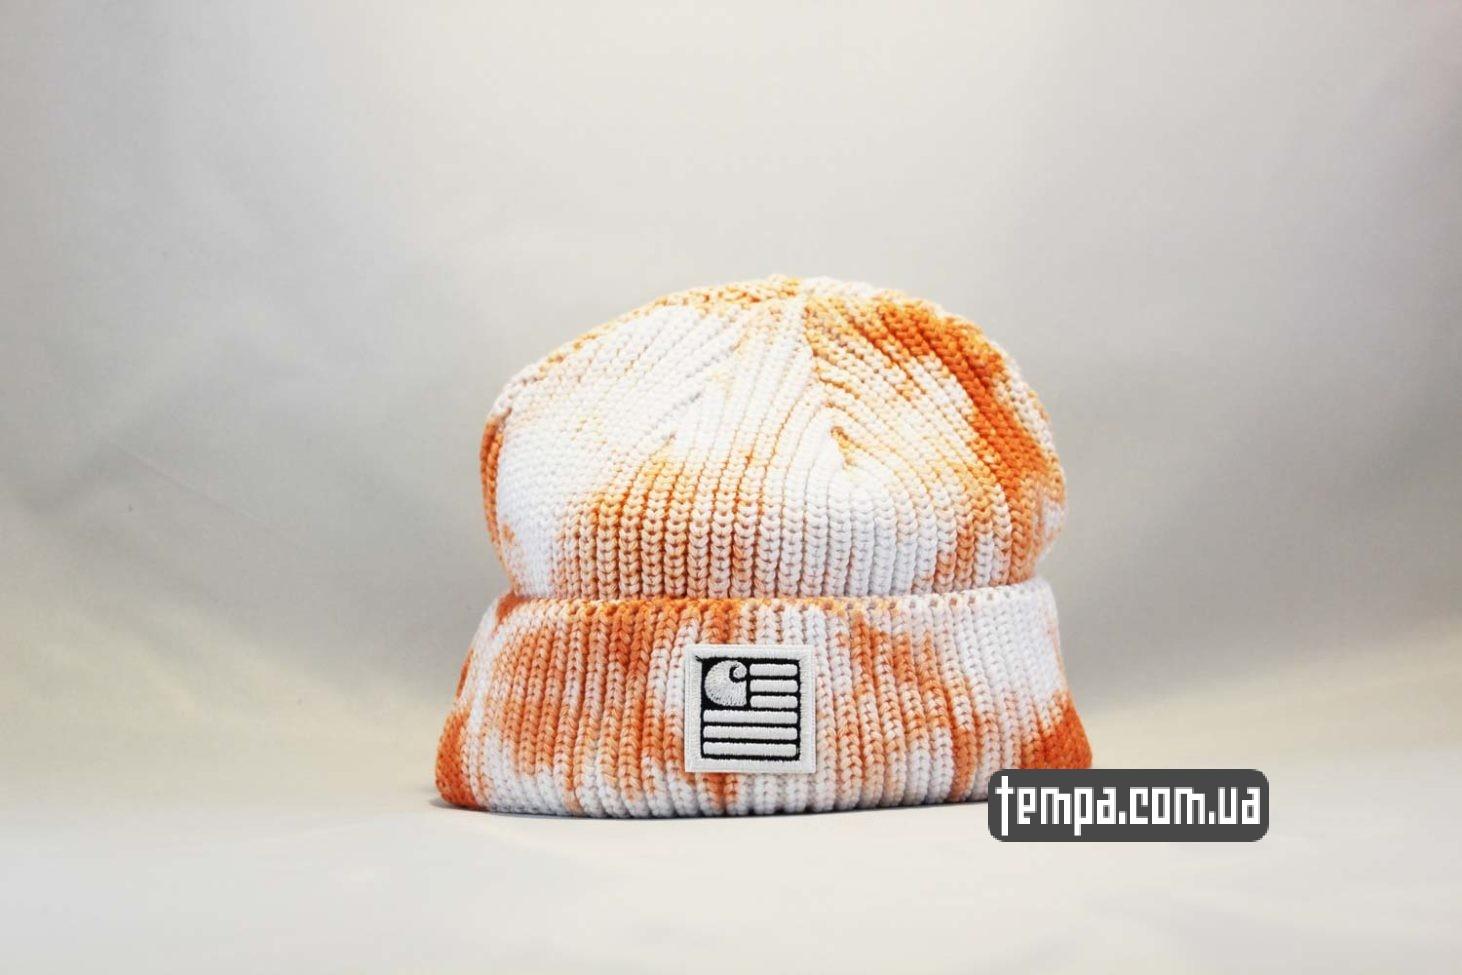 короткая шапка beanie Carhartt пятнистая оранжево-белая